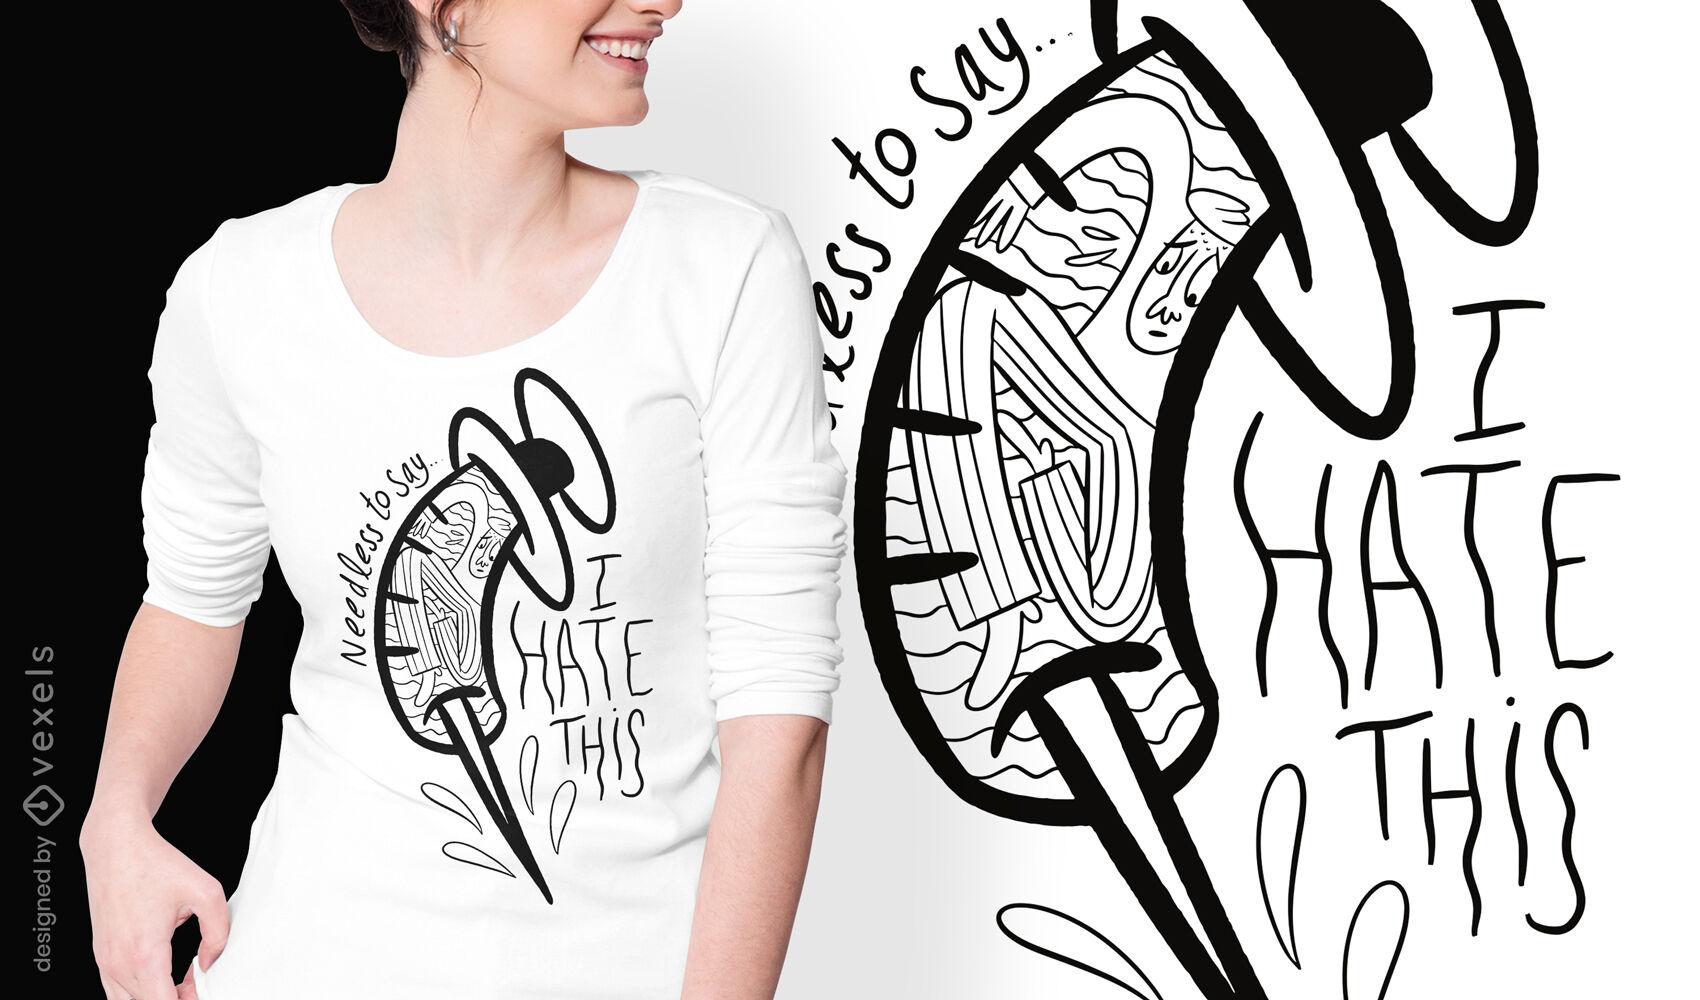 Dise?o de camiseta de doodle de miedo a las agujas